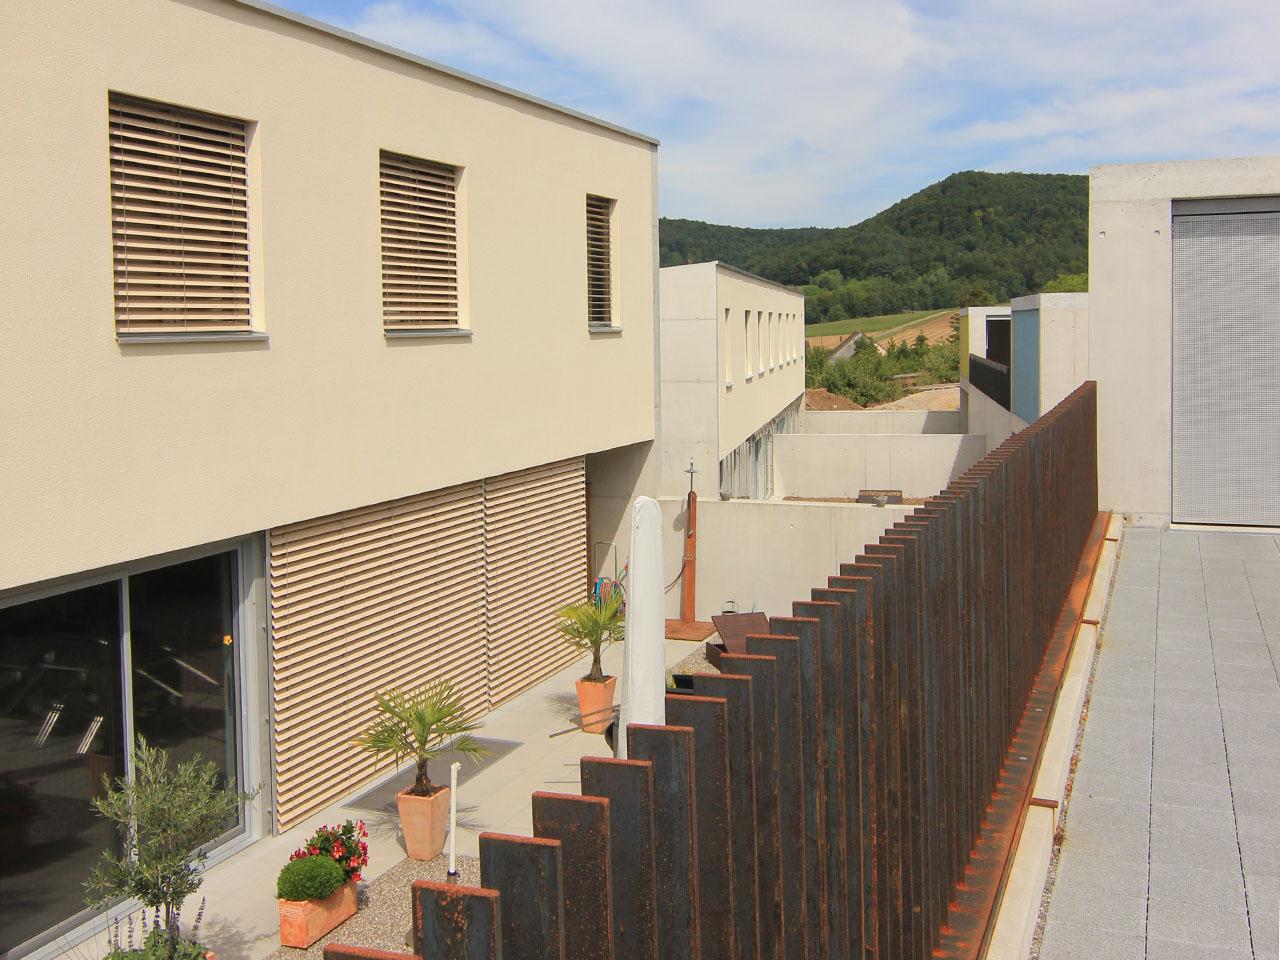 laubhus-architektur-einfamilienhaus-effingen